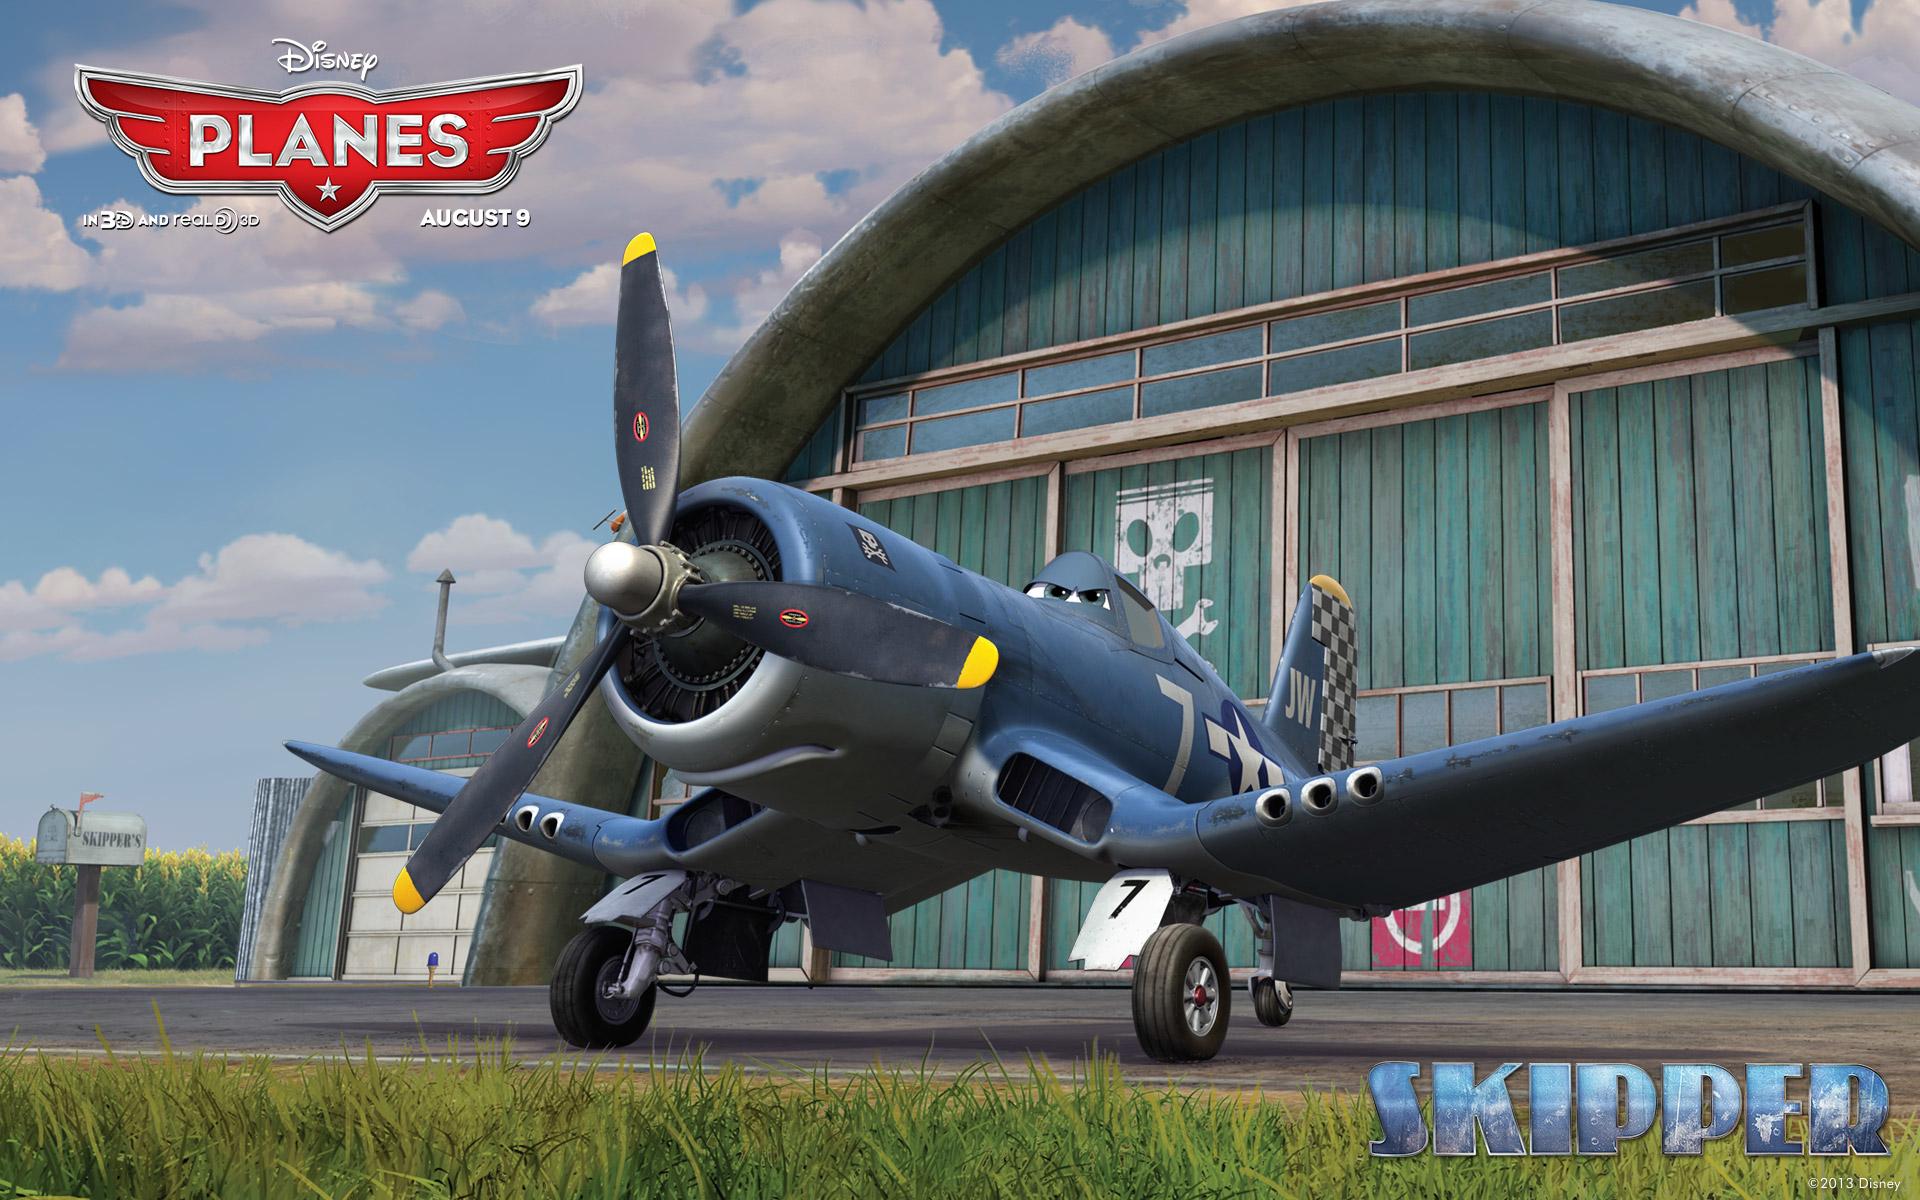 Hd Wallpaper Cars Disney Fondos De Pantalla De Aviones Disney Pixar Wallpapers